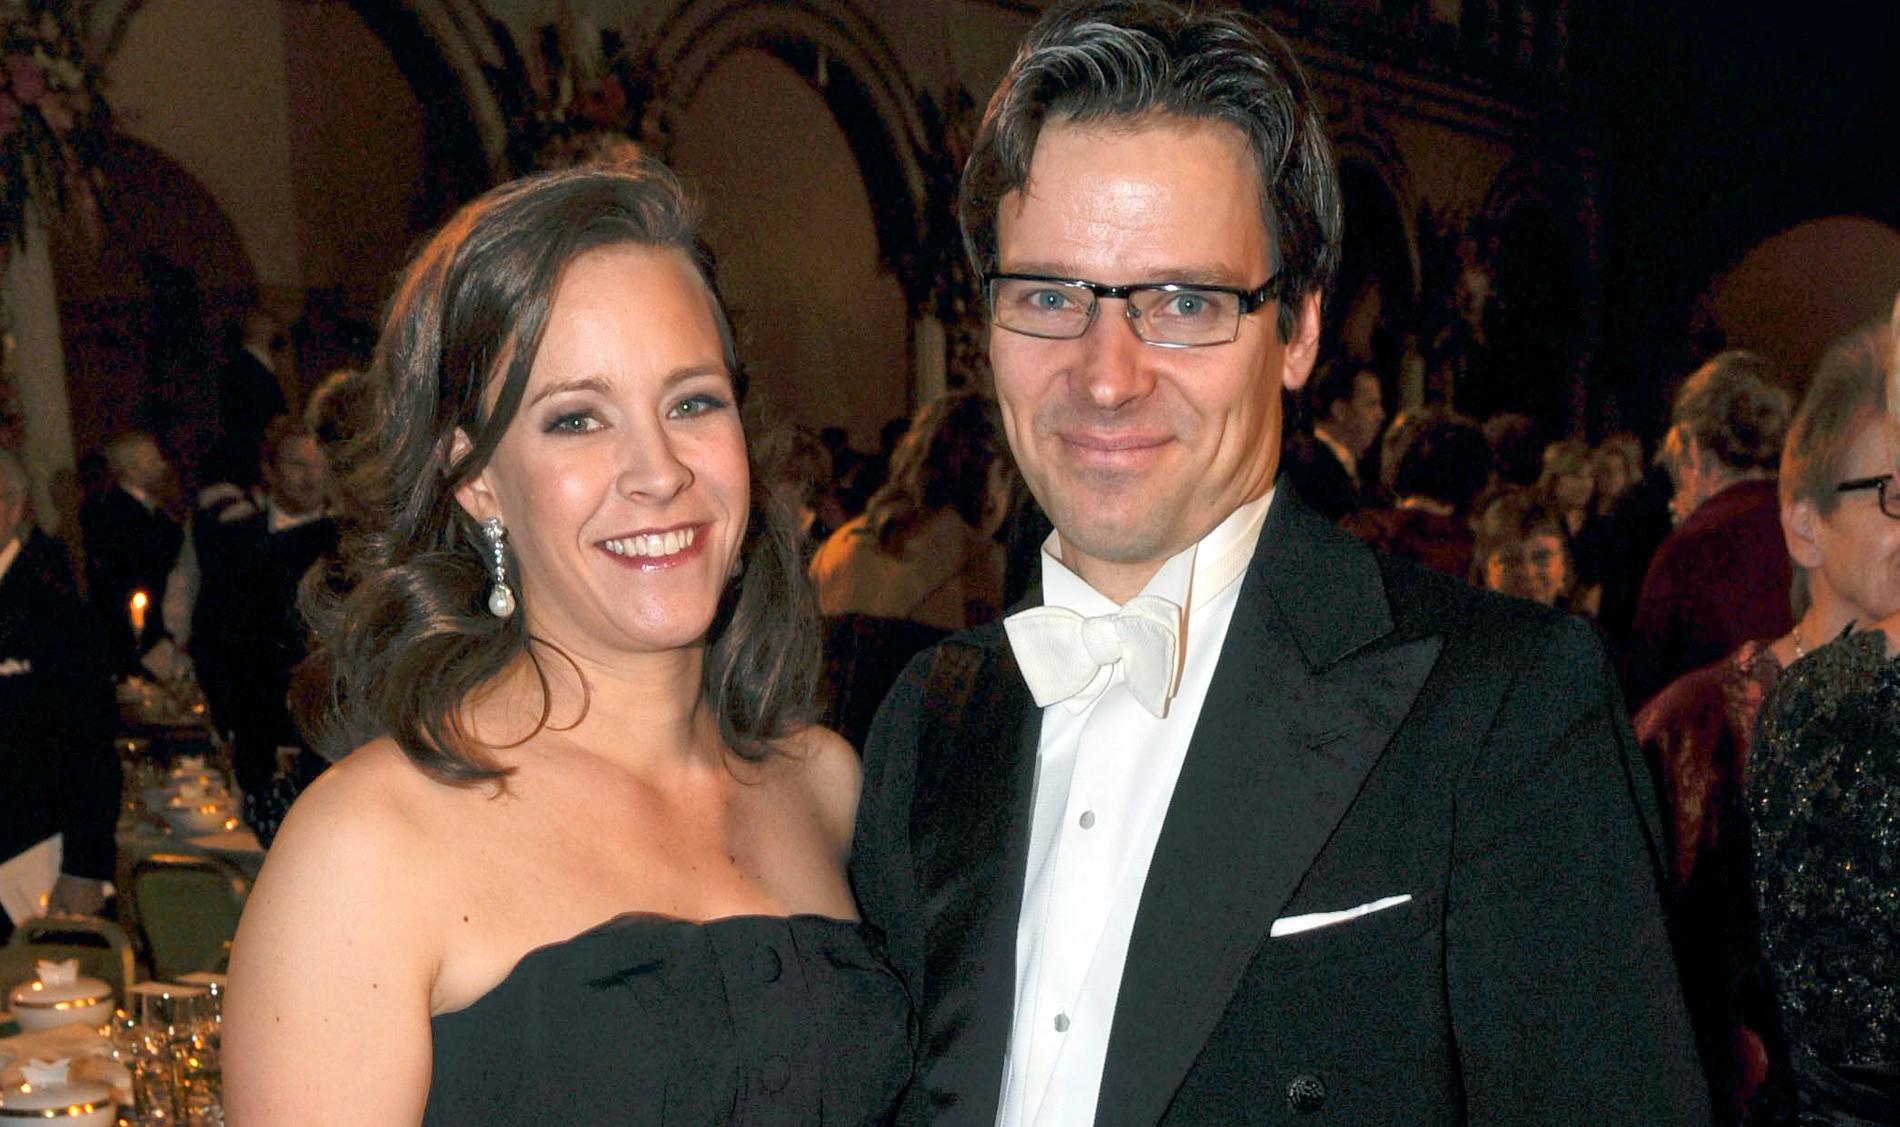 Maria Wetterstrand och Ville Niinistö gifte sig 2004.